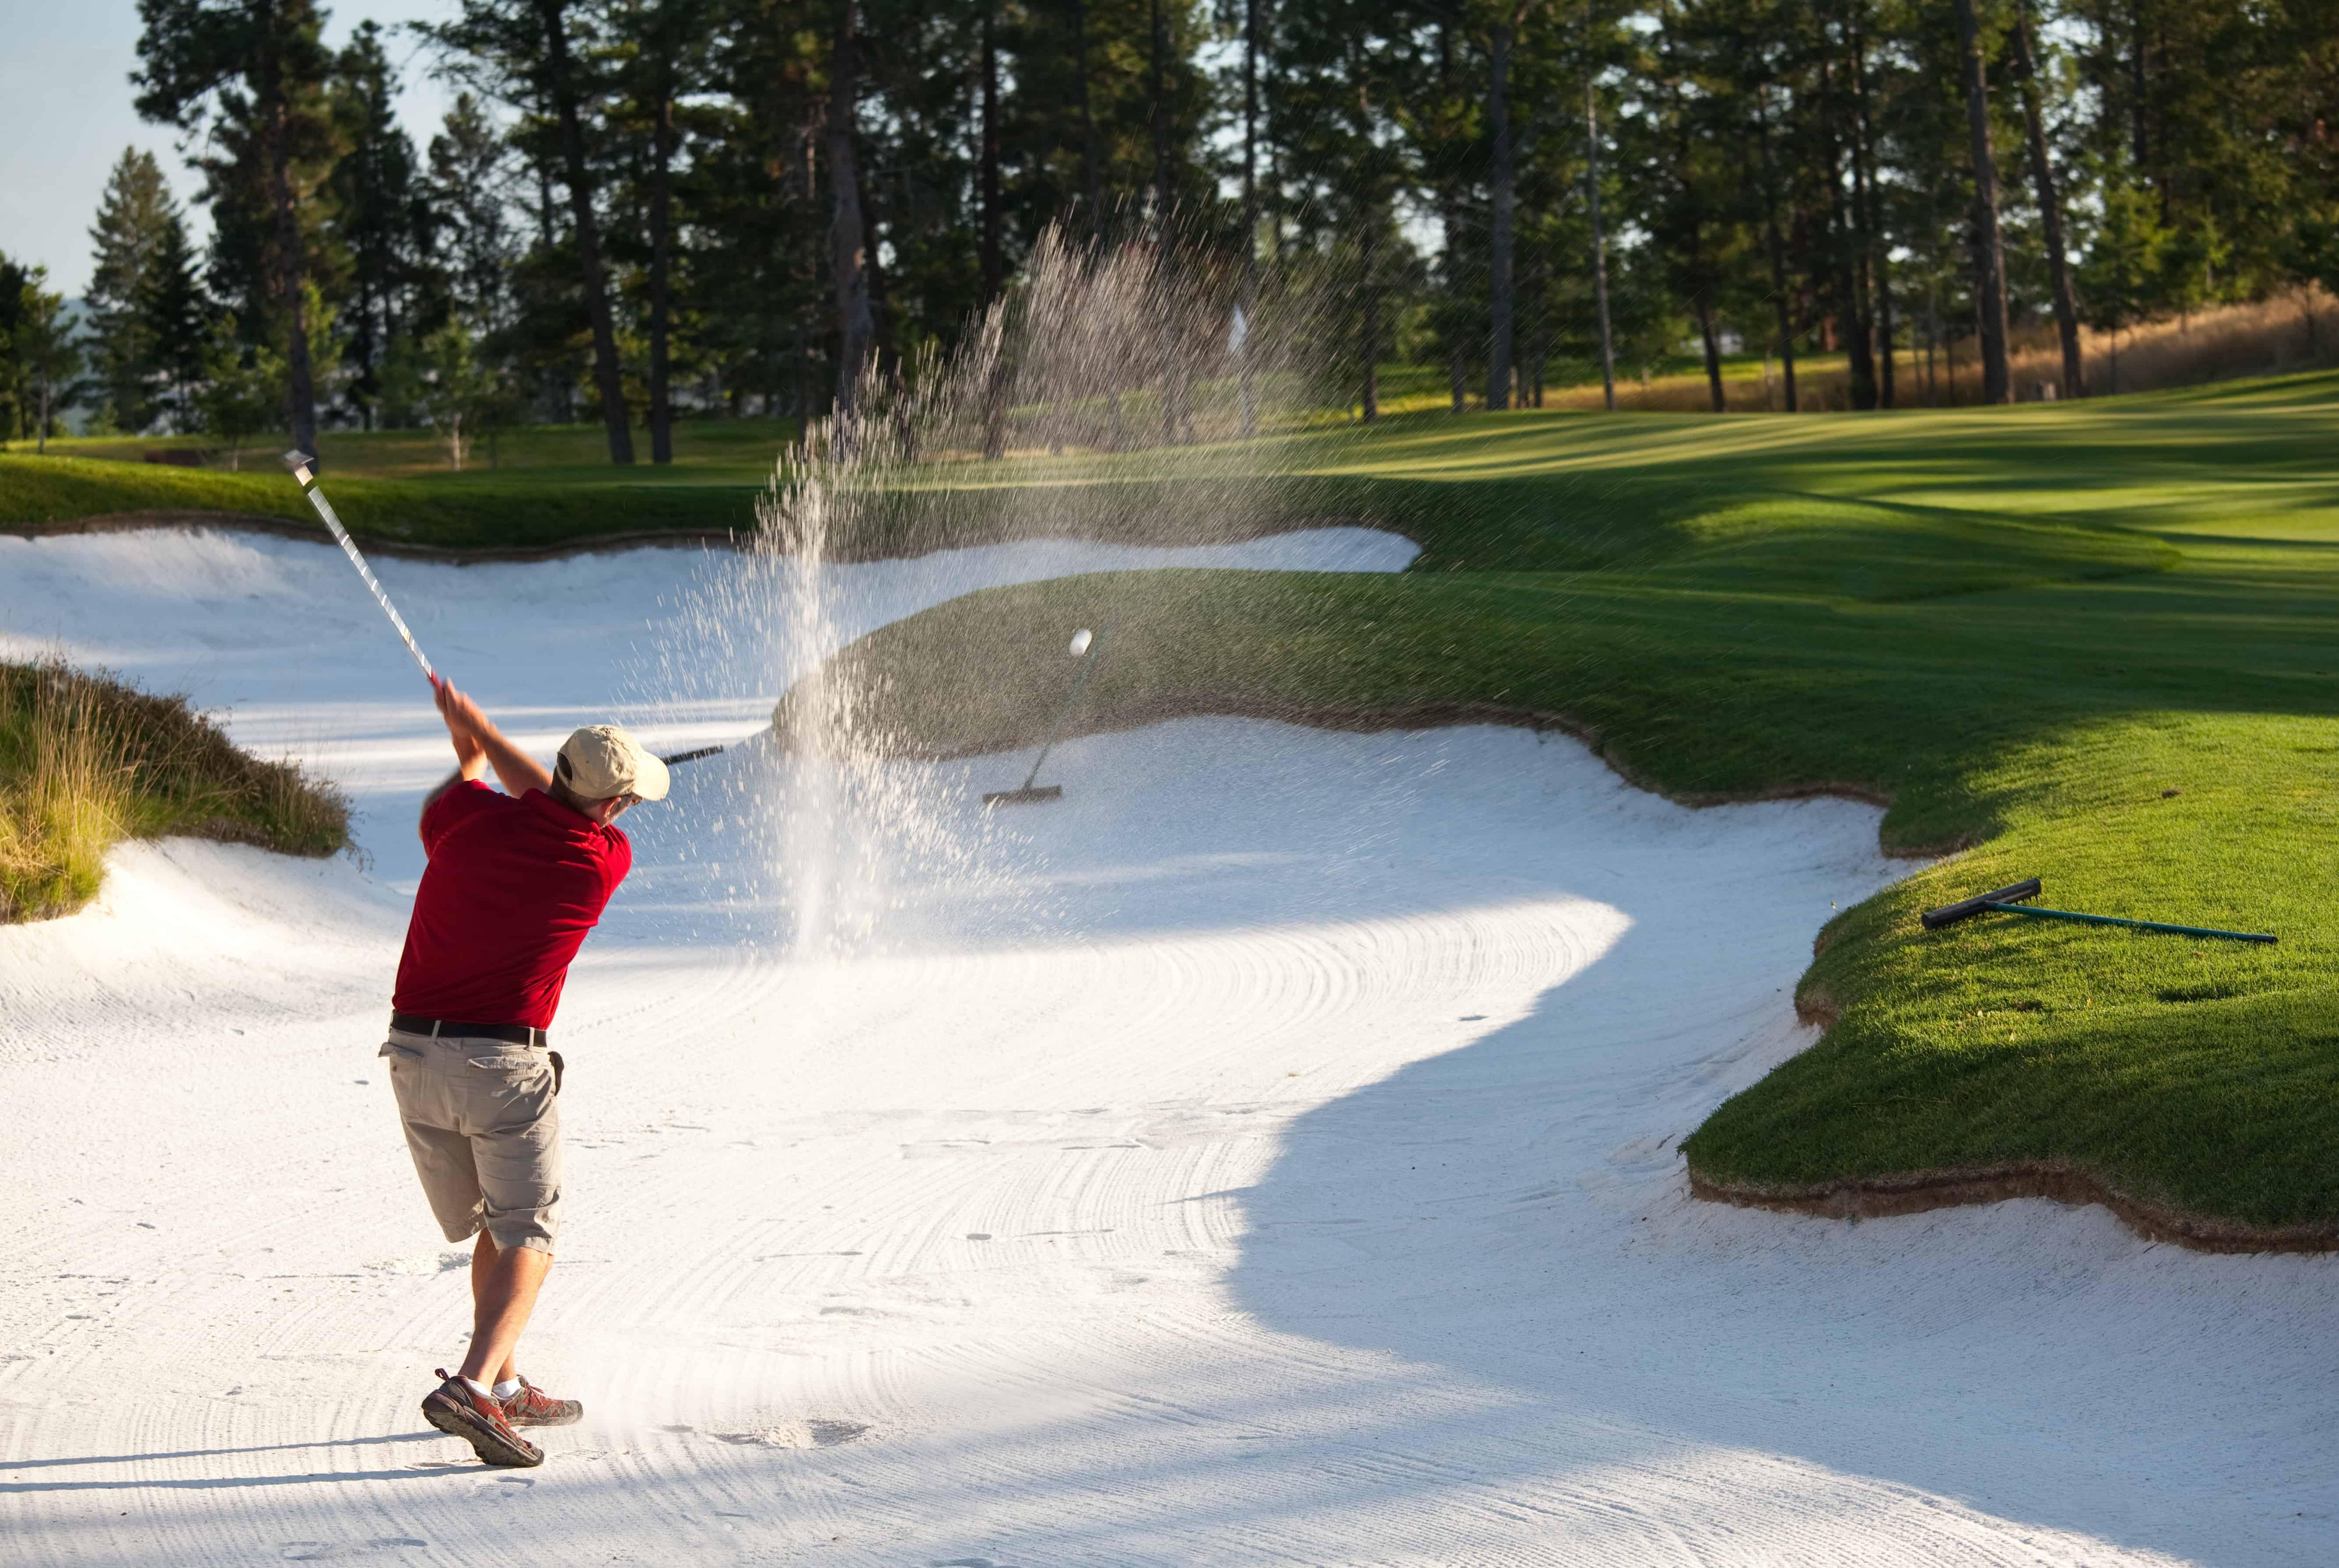 Il campo da golf: struttura e materiali